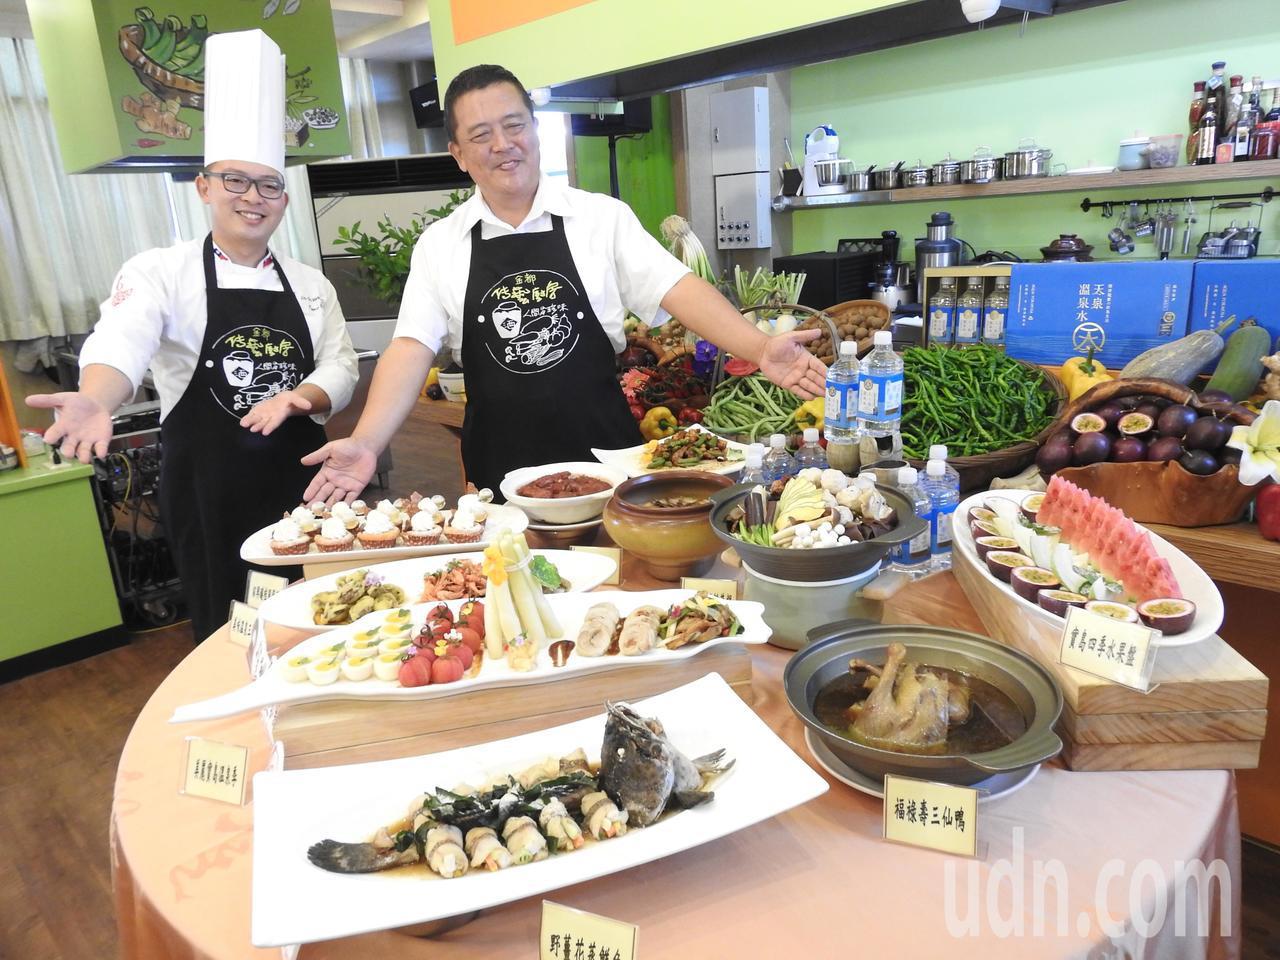 中華民國溫泉觀光協會邀集中西名廚跨領域合作,結合國內各地特色食材推出台灣溫泉宴。...